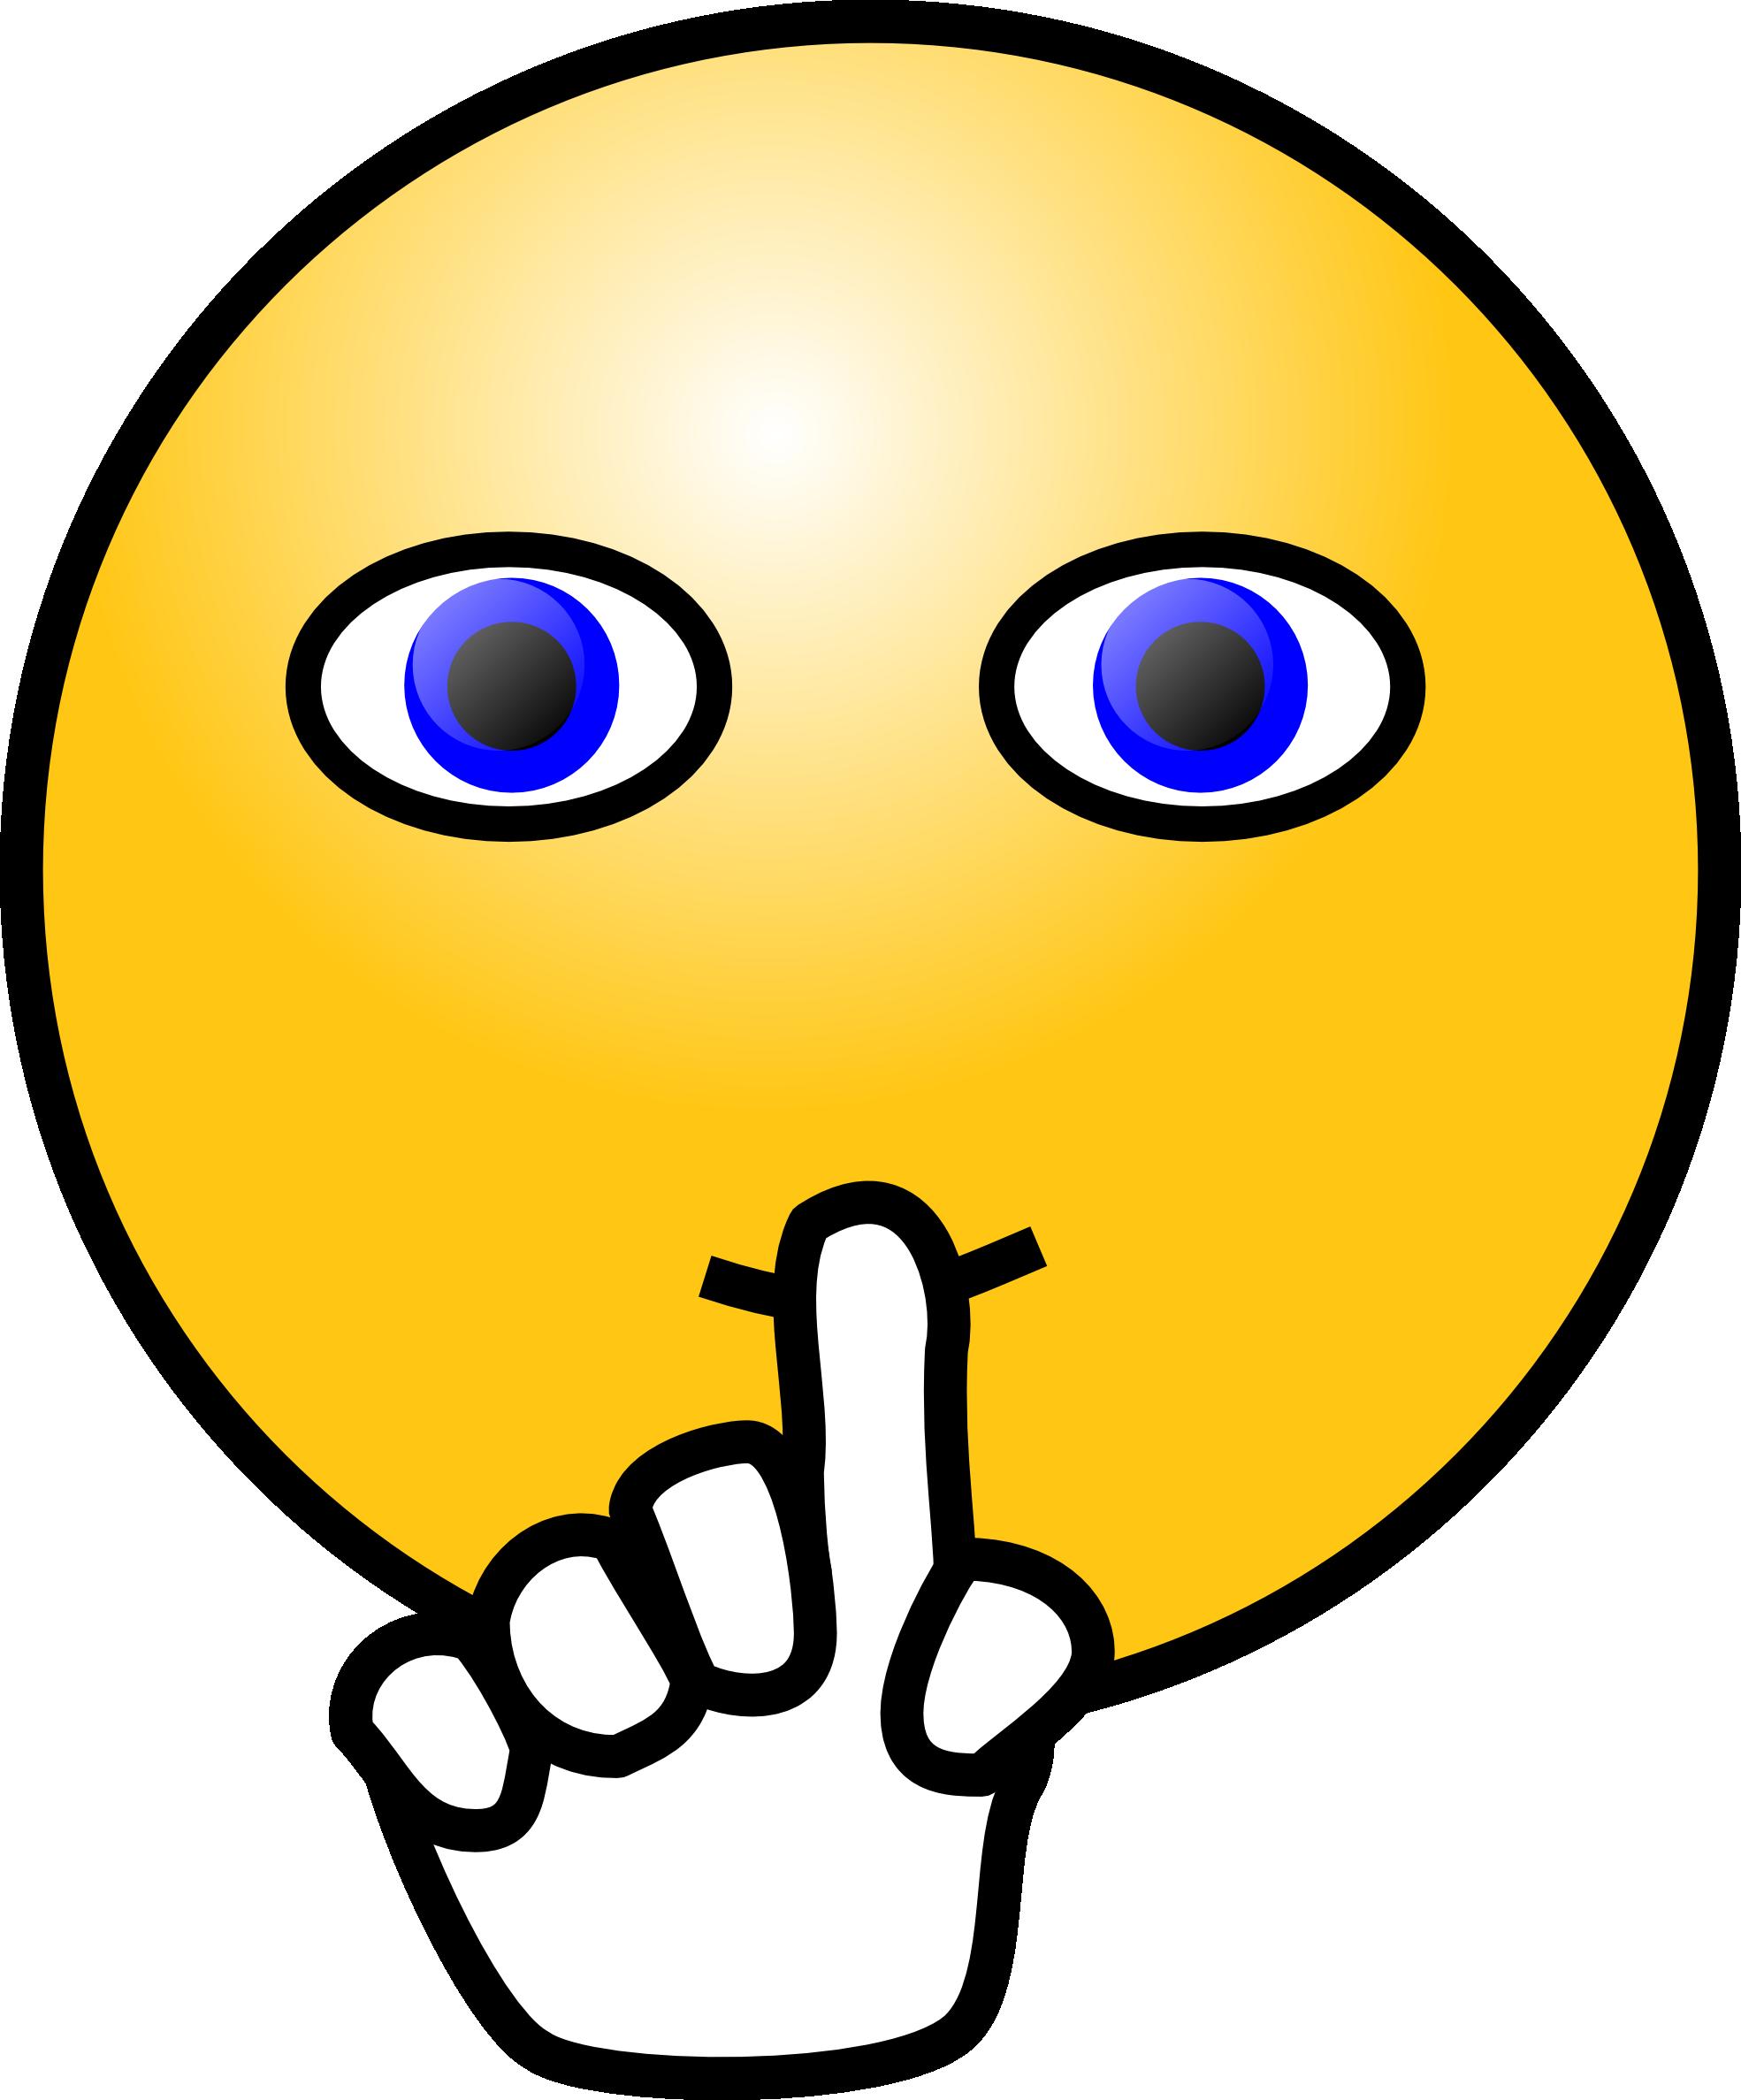 Gambar Emoticon Cliparts